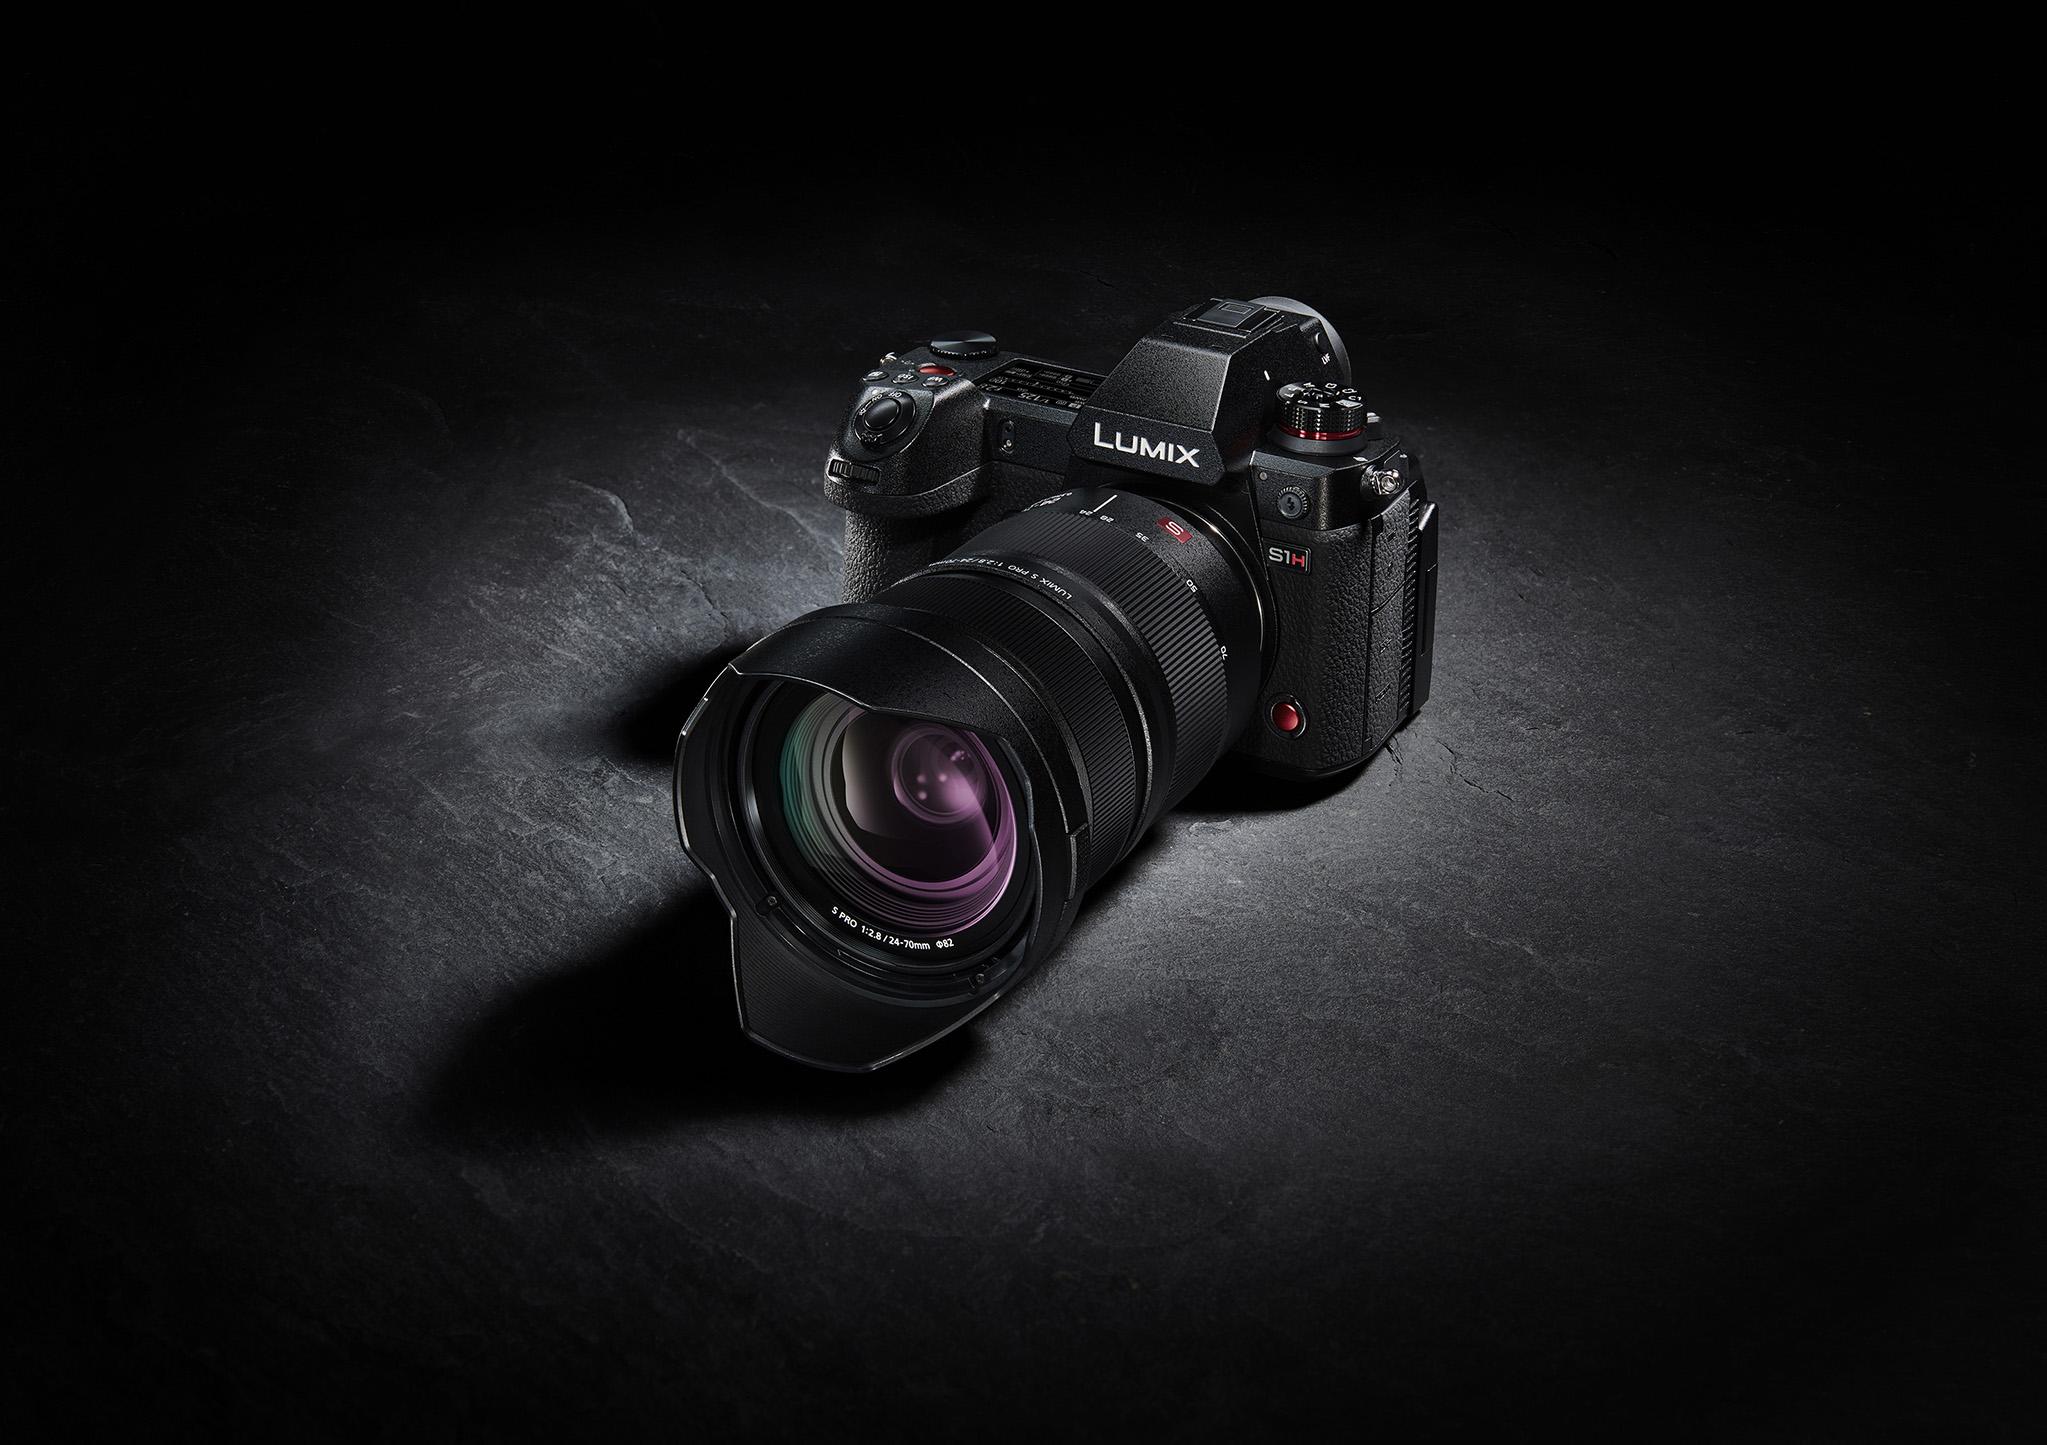 Zwischen dem 24. März und dem 6. April 2021 veröffentlicht Panasonic Firmware-Updates für Kameras der LUMIX S-Serie und der Box-Style-Kamera BGH1. Im Bild die im August 2019 vorgestellte S1H, die mit dem Firmware-Update auf den aktuellen Stand der Technik gebracht wird. (c) Panasonic